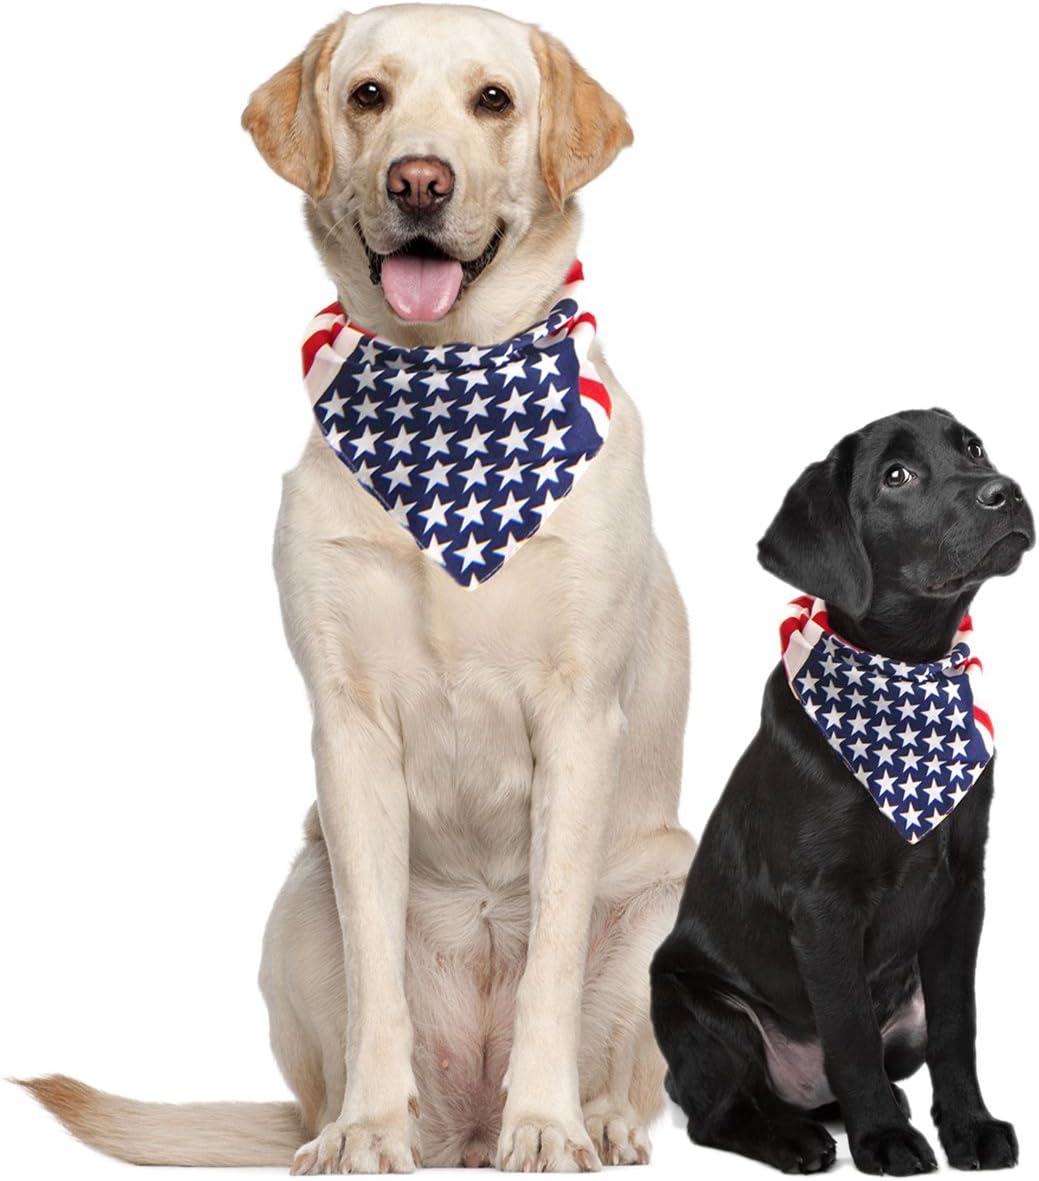 Costume Adventure EE.UU. Pañuelo para Perros Pañuelo Grande de la Bandera Americana Americana Perro con pañuelos de la Bandera para los Perros pañuelos para Perros Grandes Media o Collar tamaño: Amazon.es: Productos